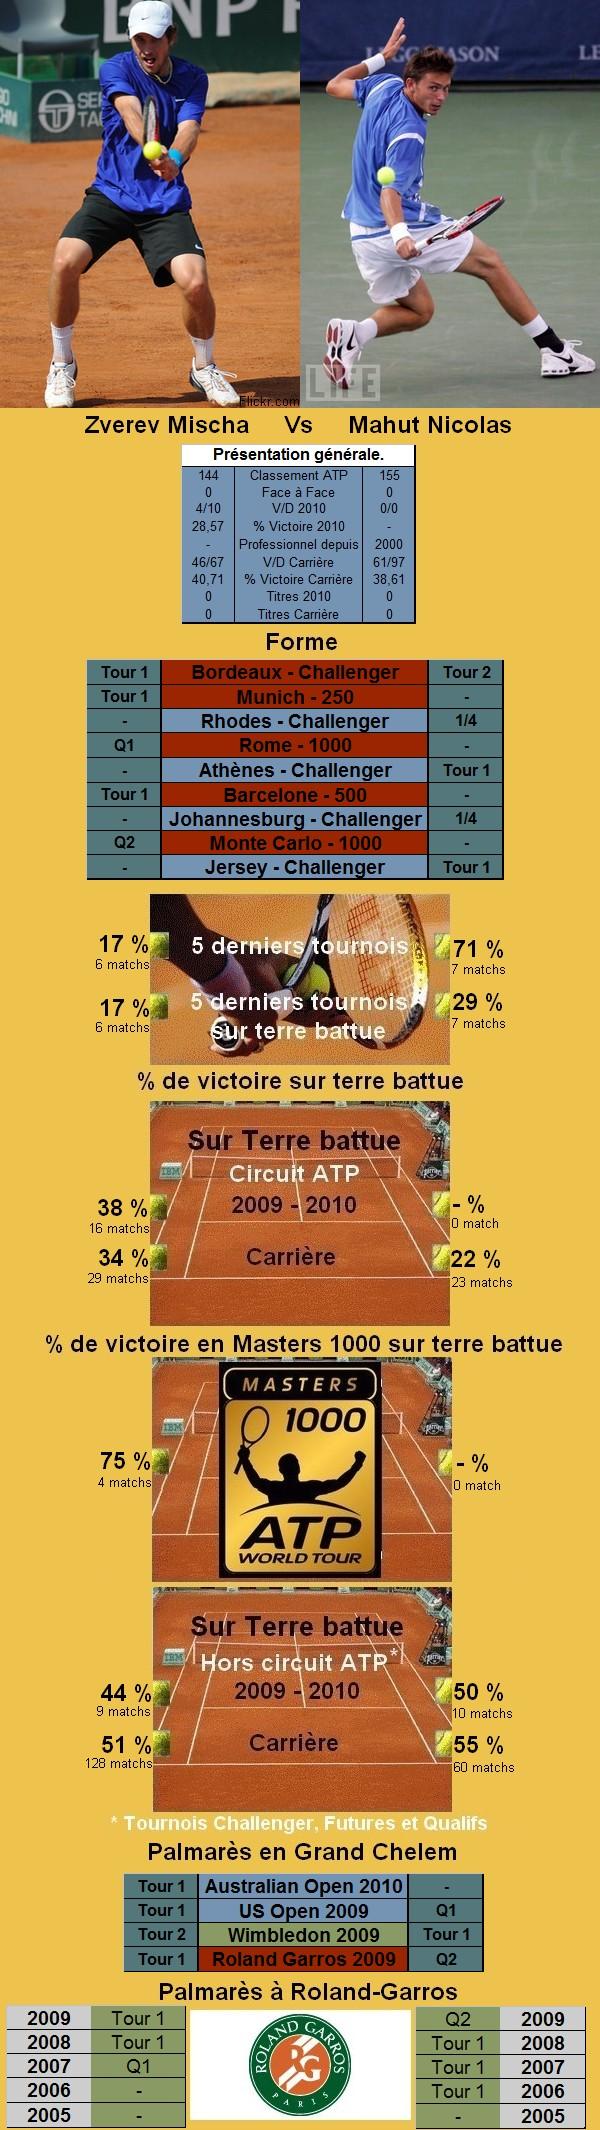 Statistiques tennis de Zverev contre Mahut à Roland Garros